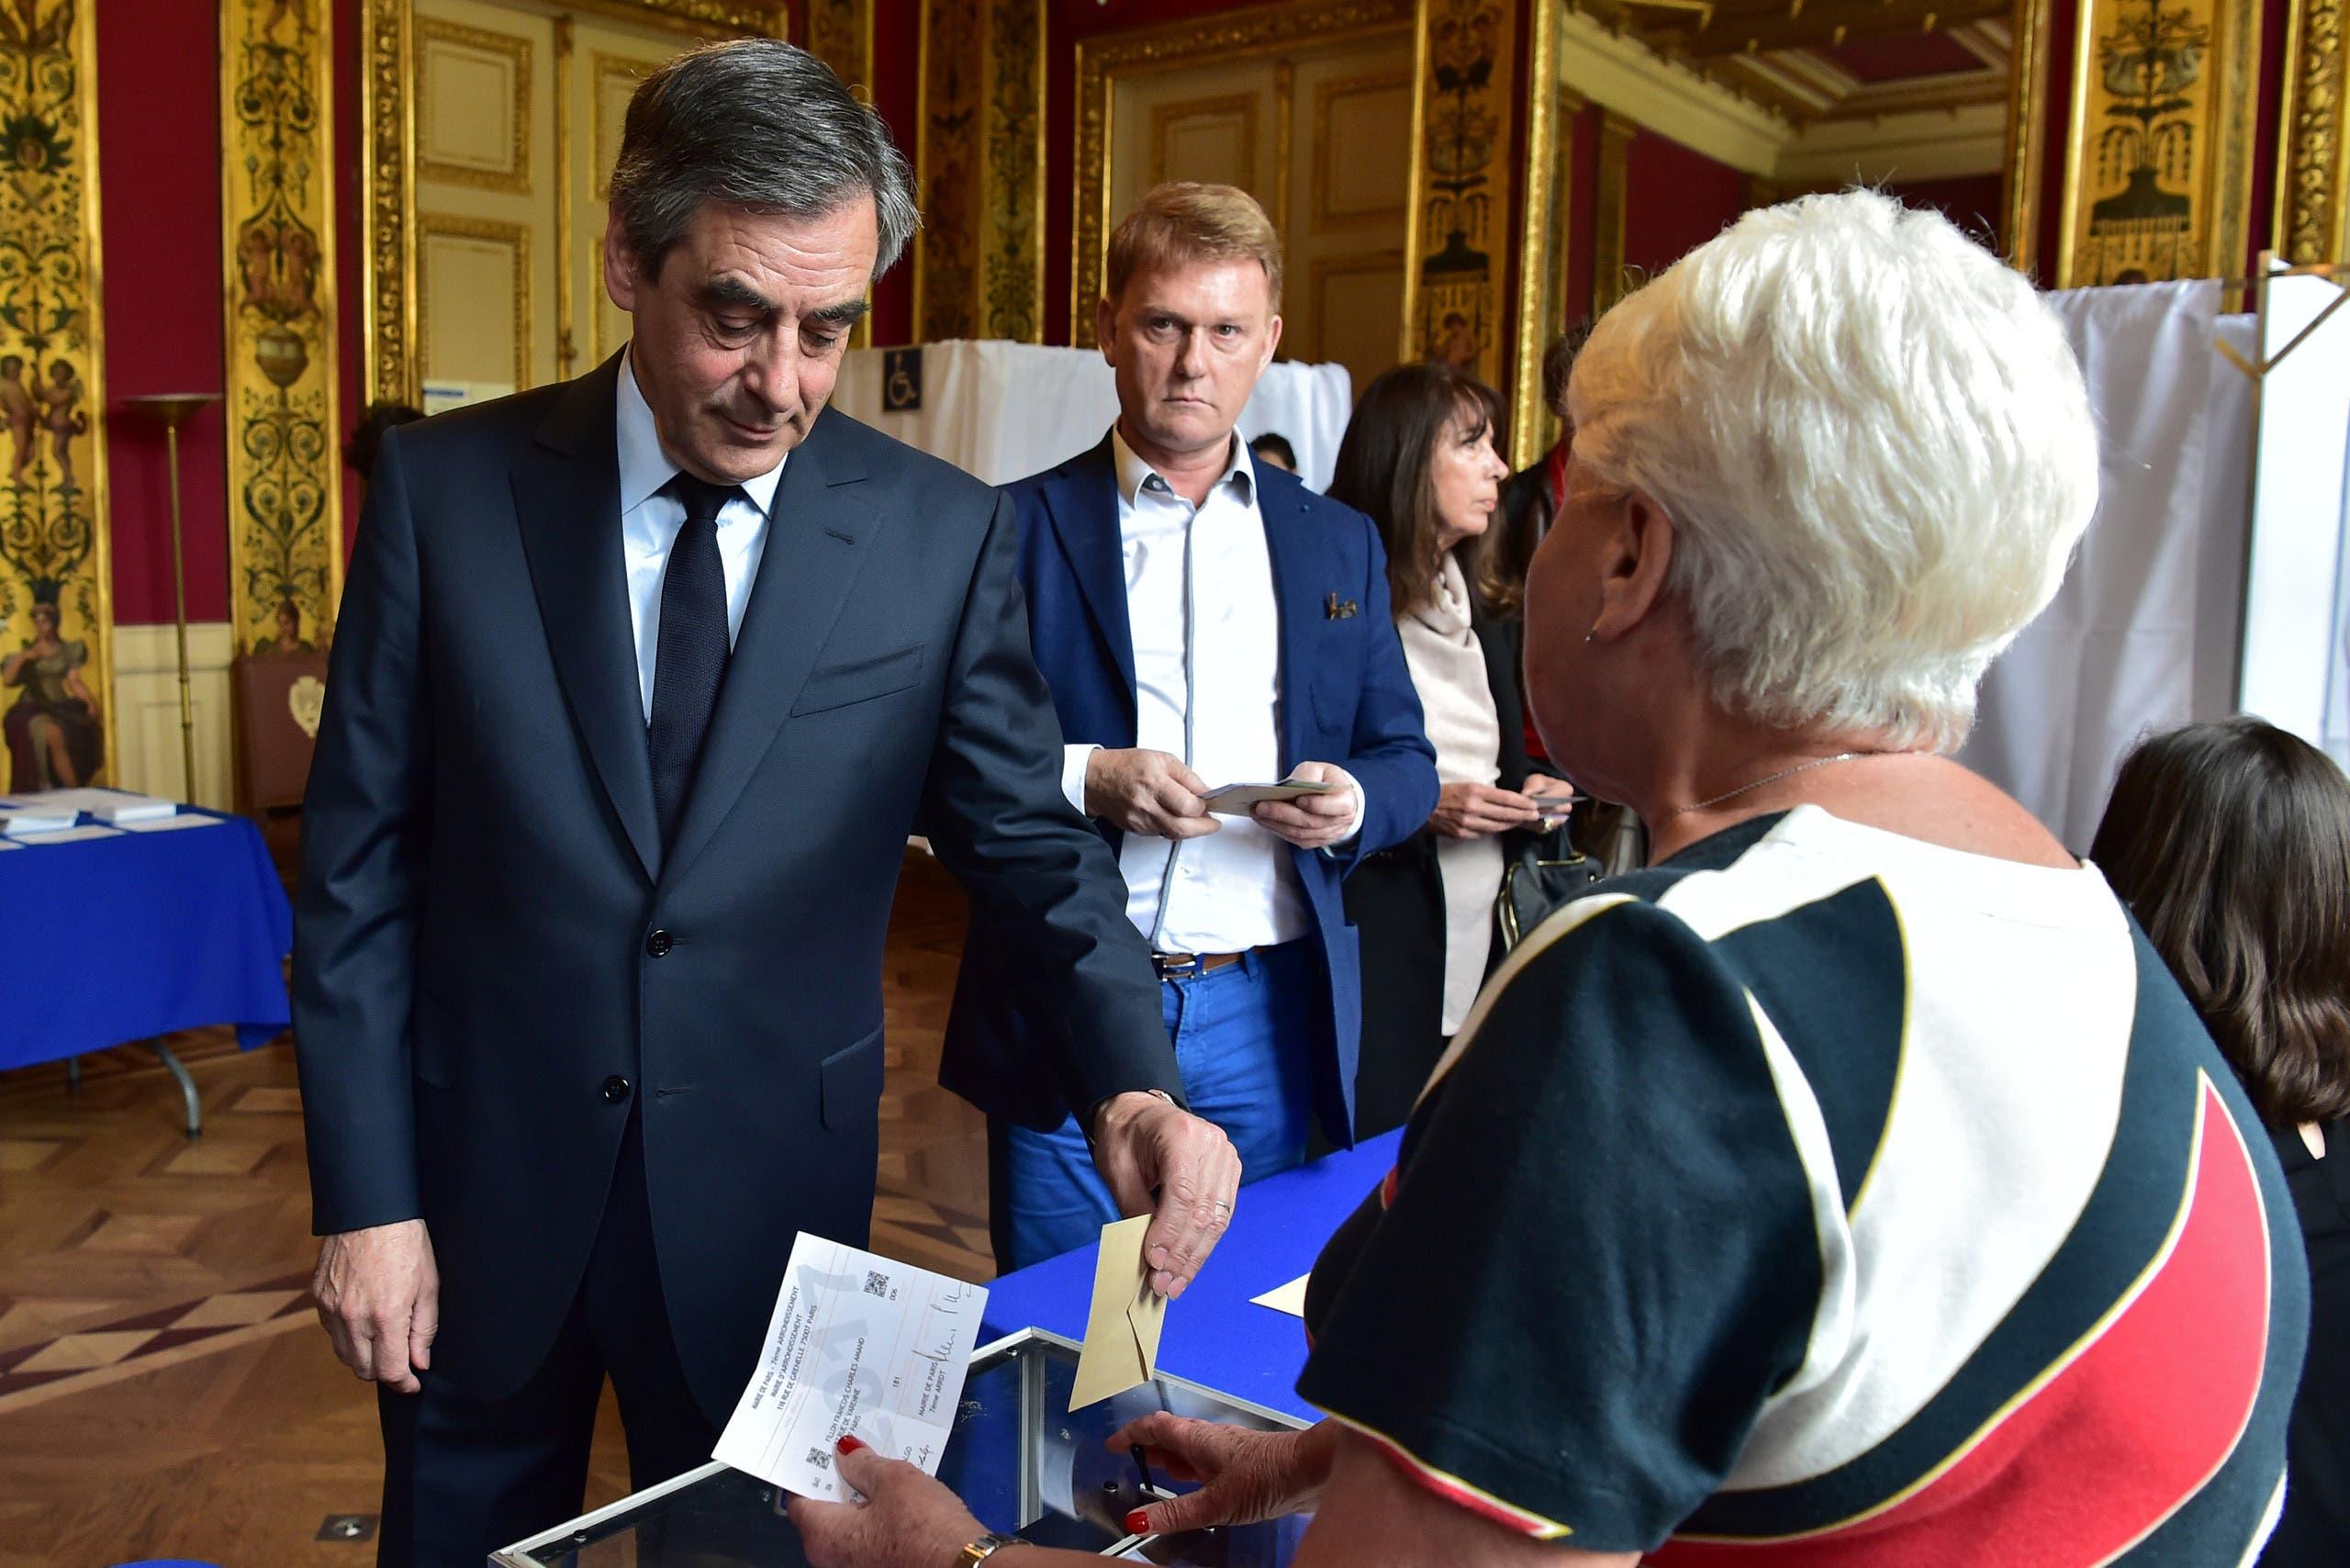 مرشح اليمين المحافظ فرانسوا فيون